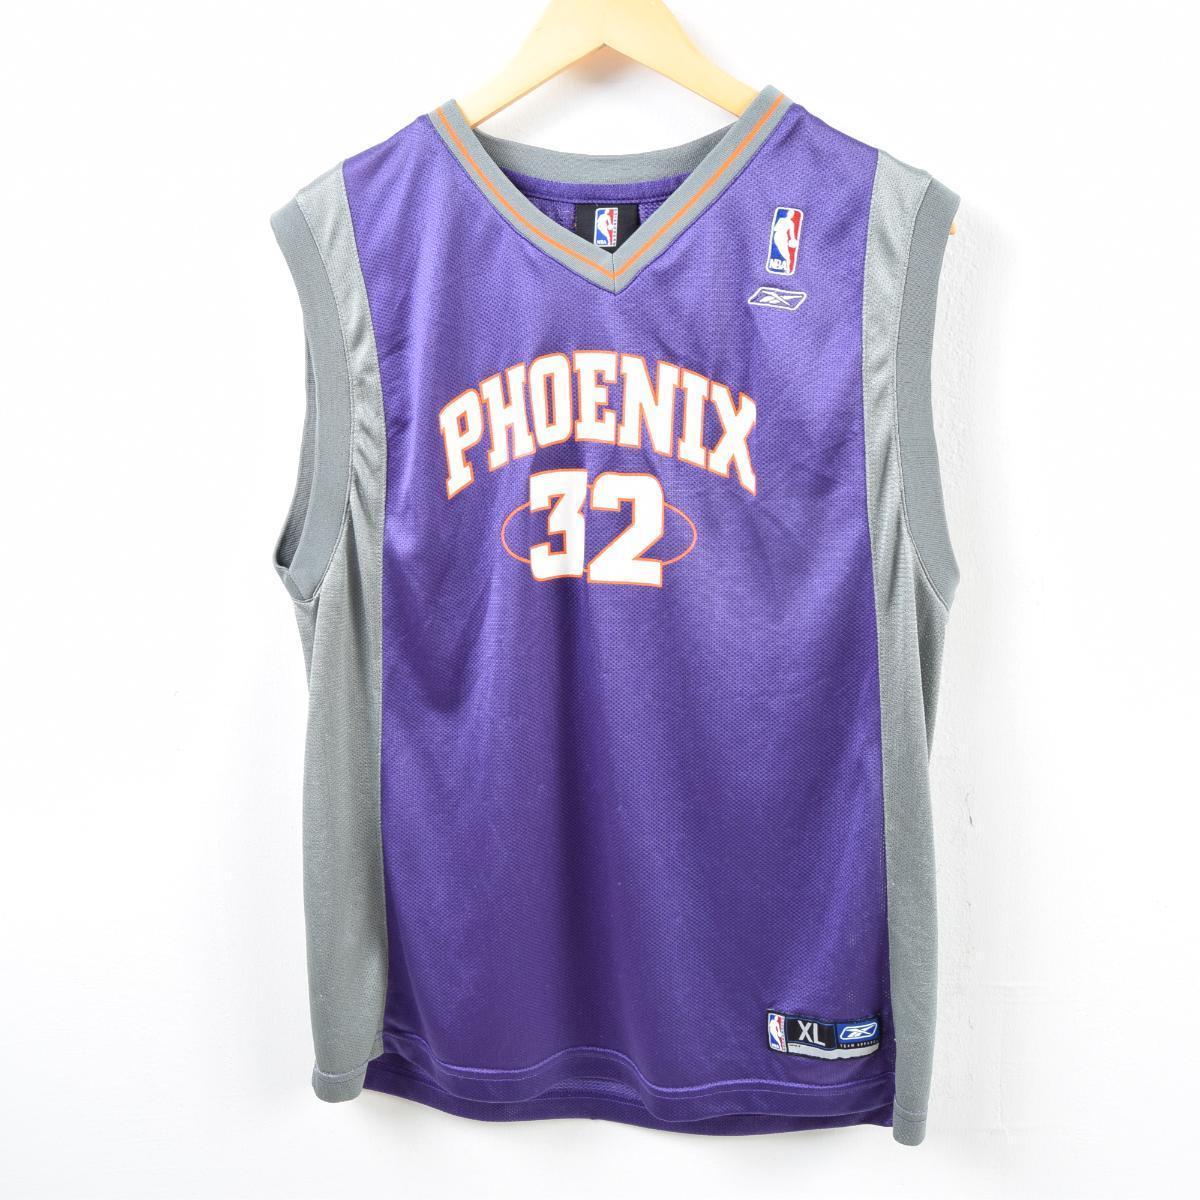 リーボック Reebok NBA PHOENIX SUNS フェニックスサンズ ゲームシャツ レプリカユニフォーム メンズS /wbd0818 【中古】 【190317】